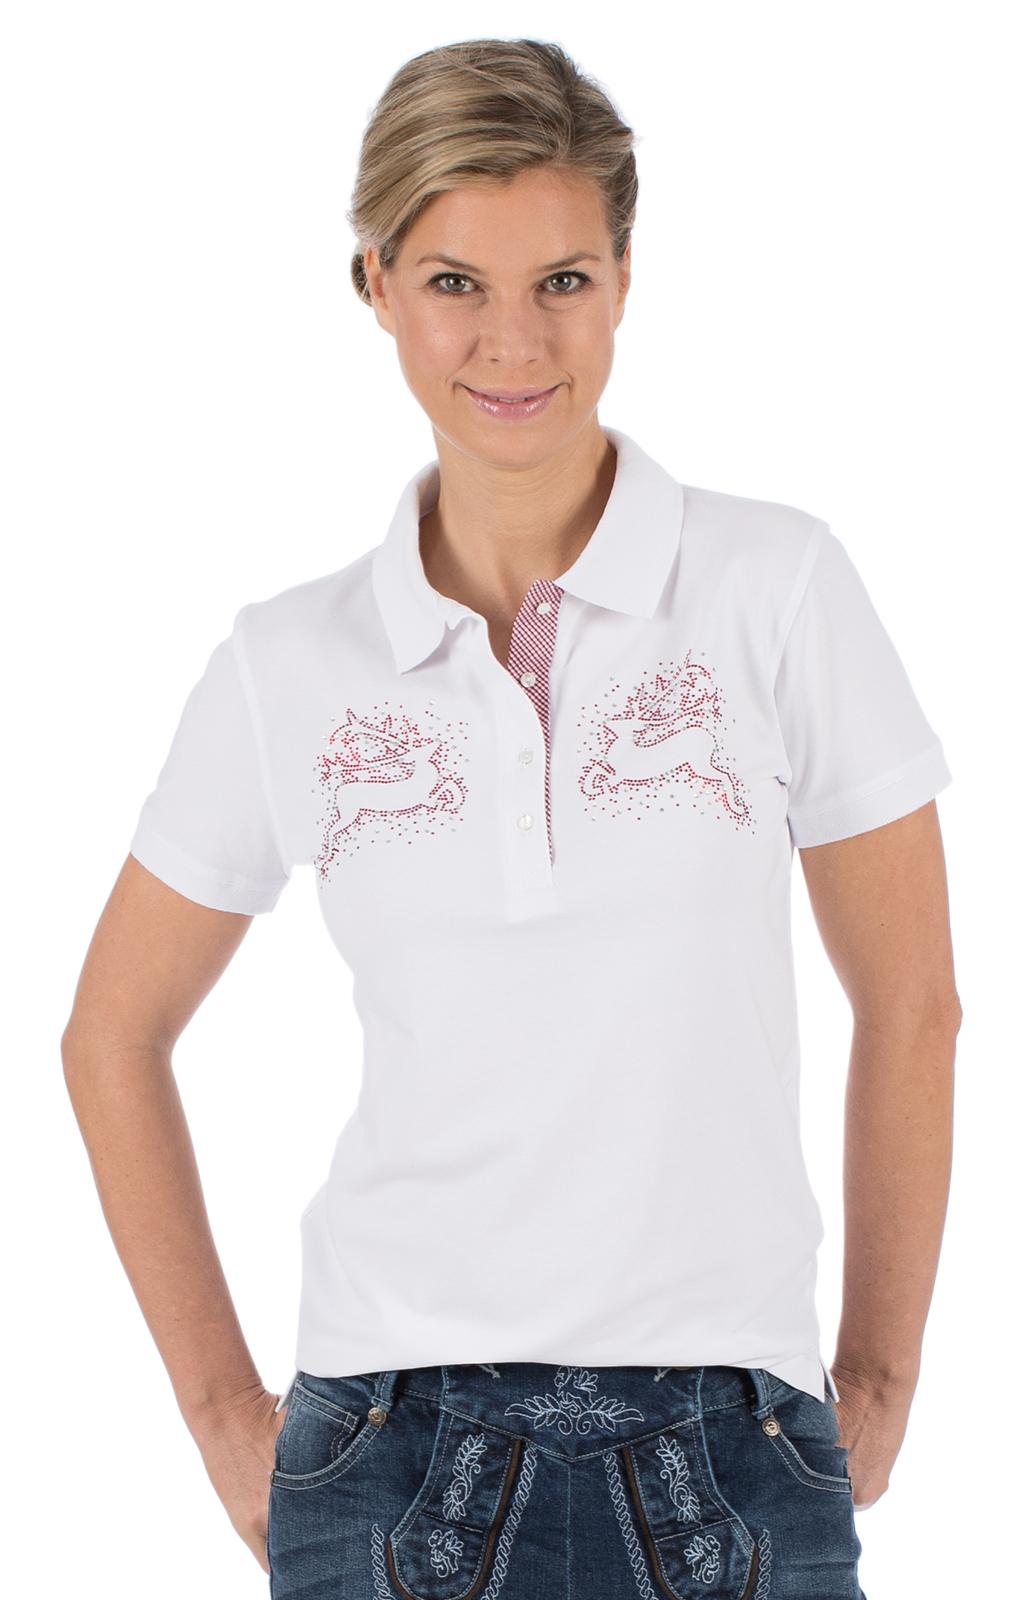 Trachten T-Shirt BRITTA weiß von OS-Trachten